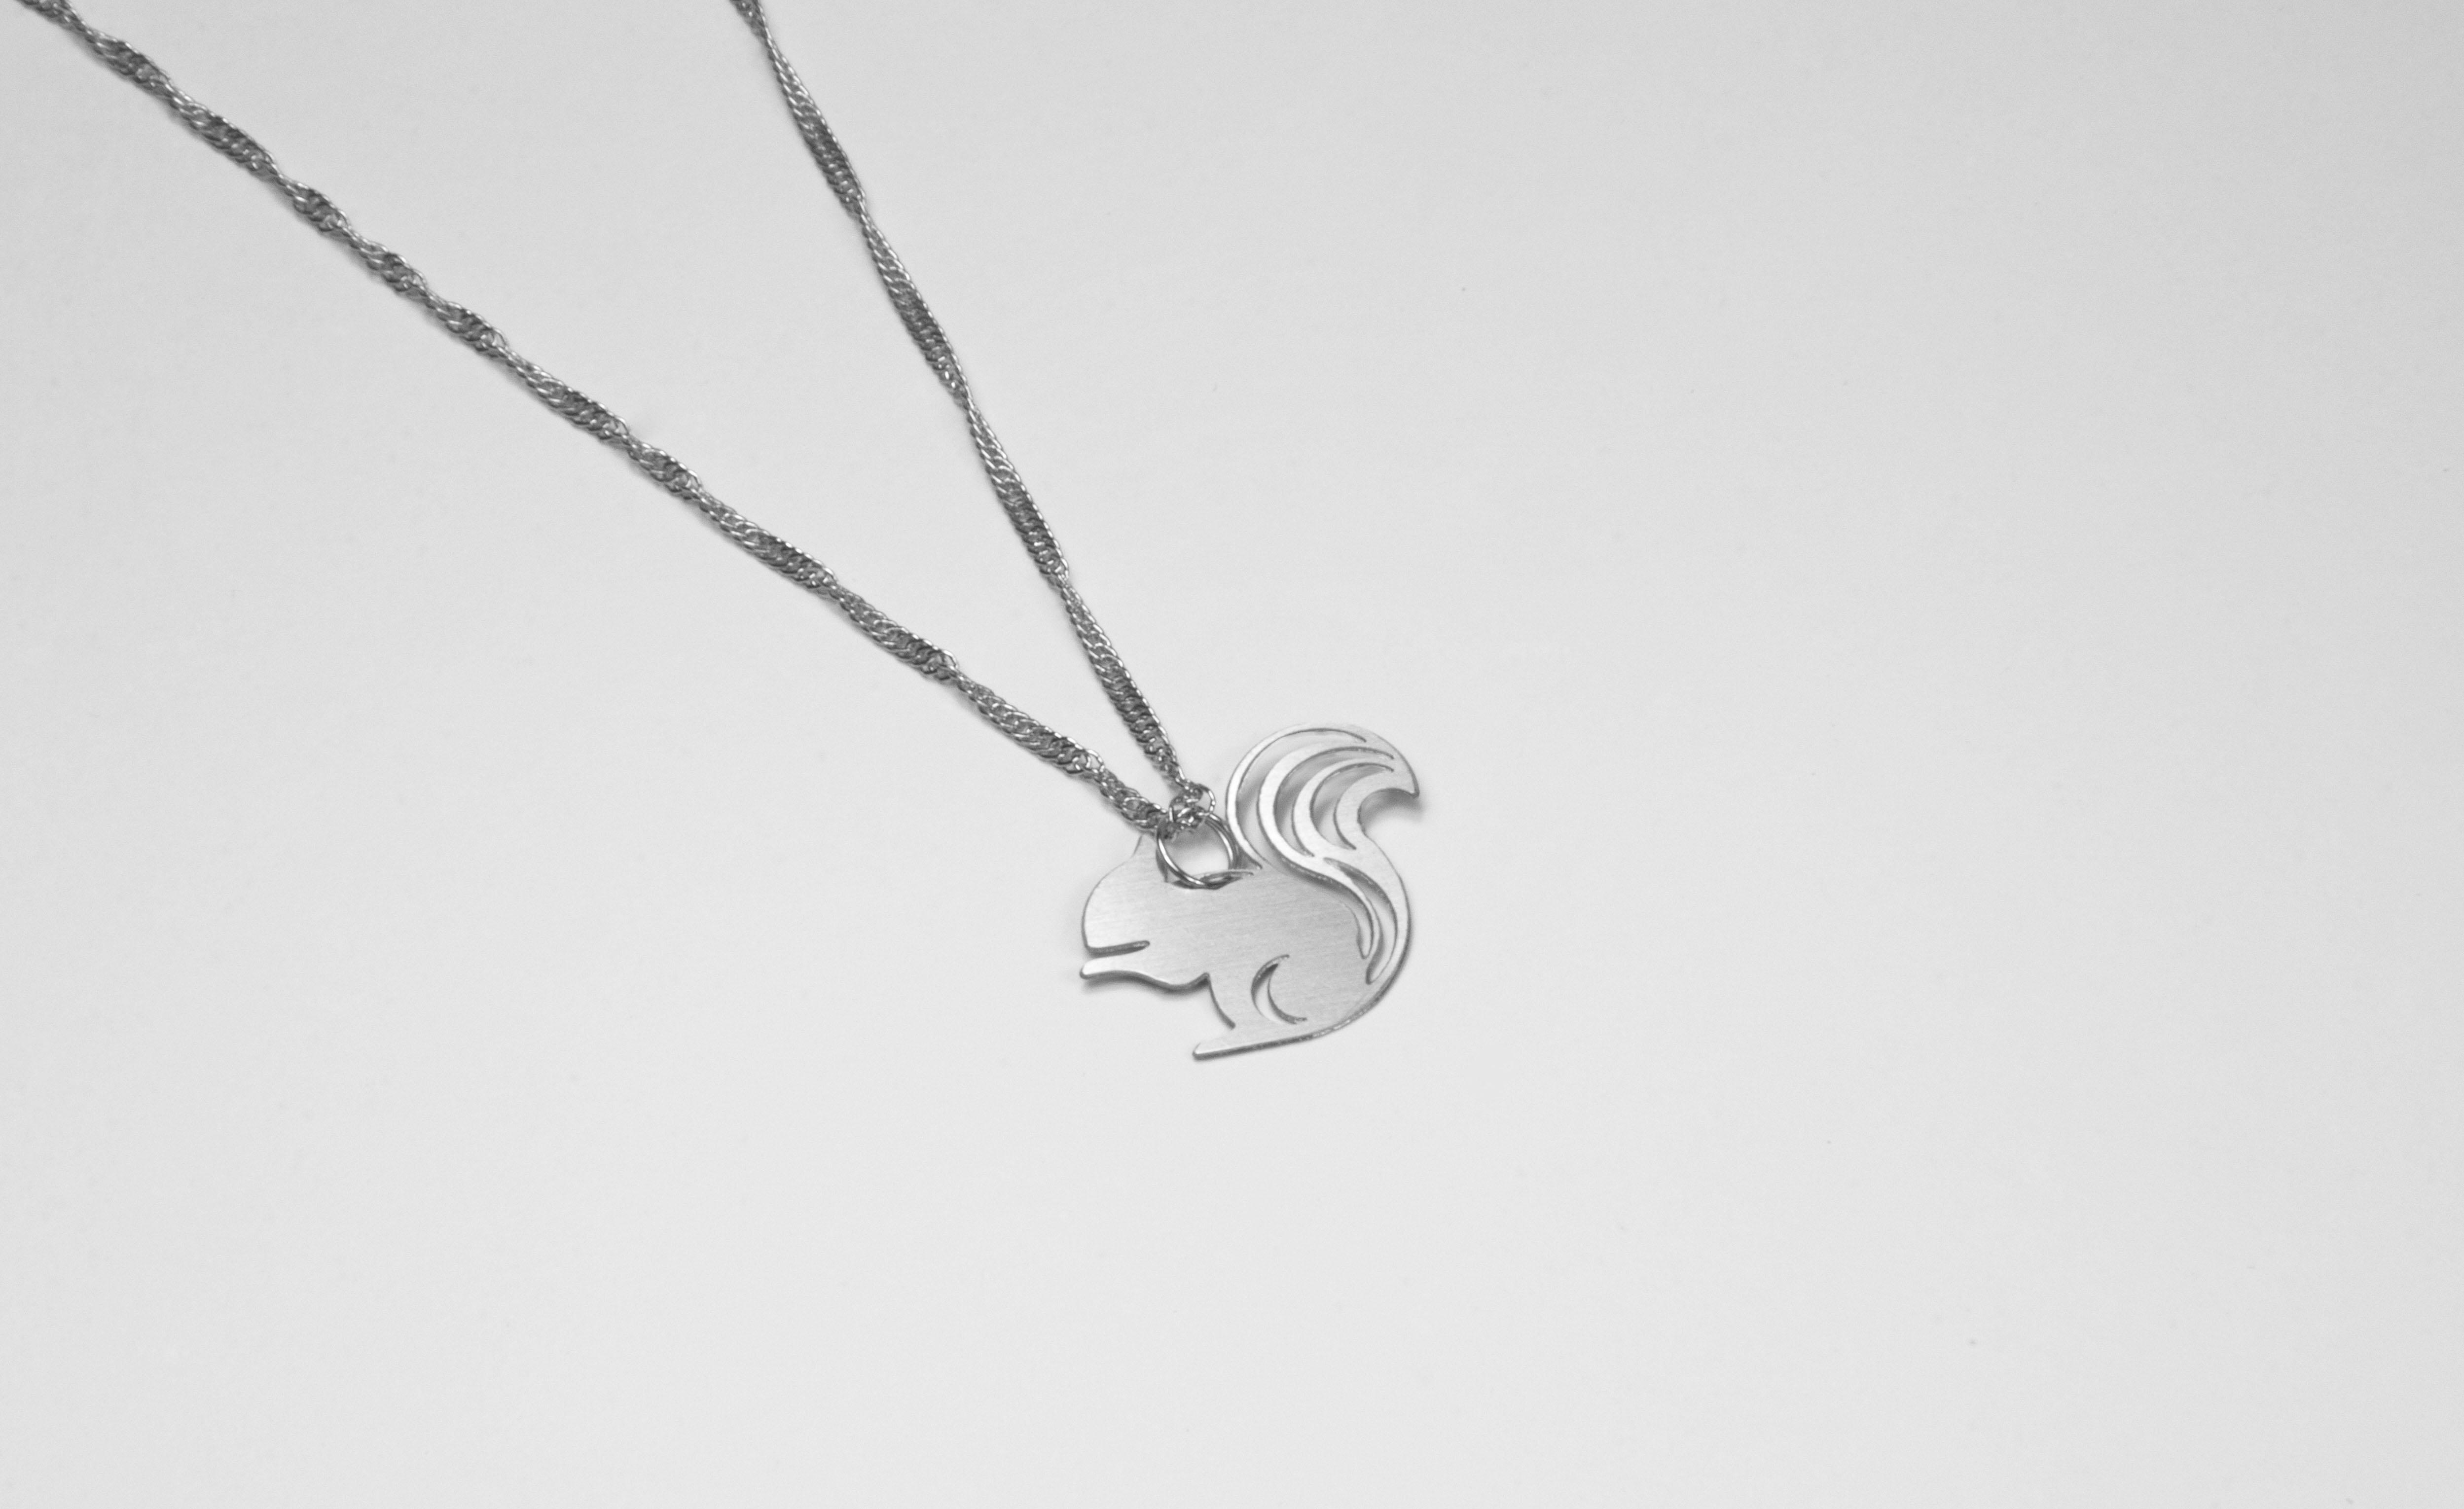 松鼠項鍊項鍊【迷你款】_動物系列_造題